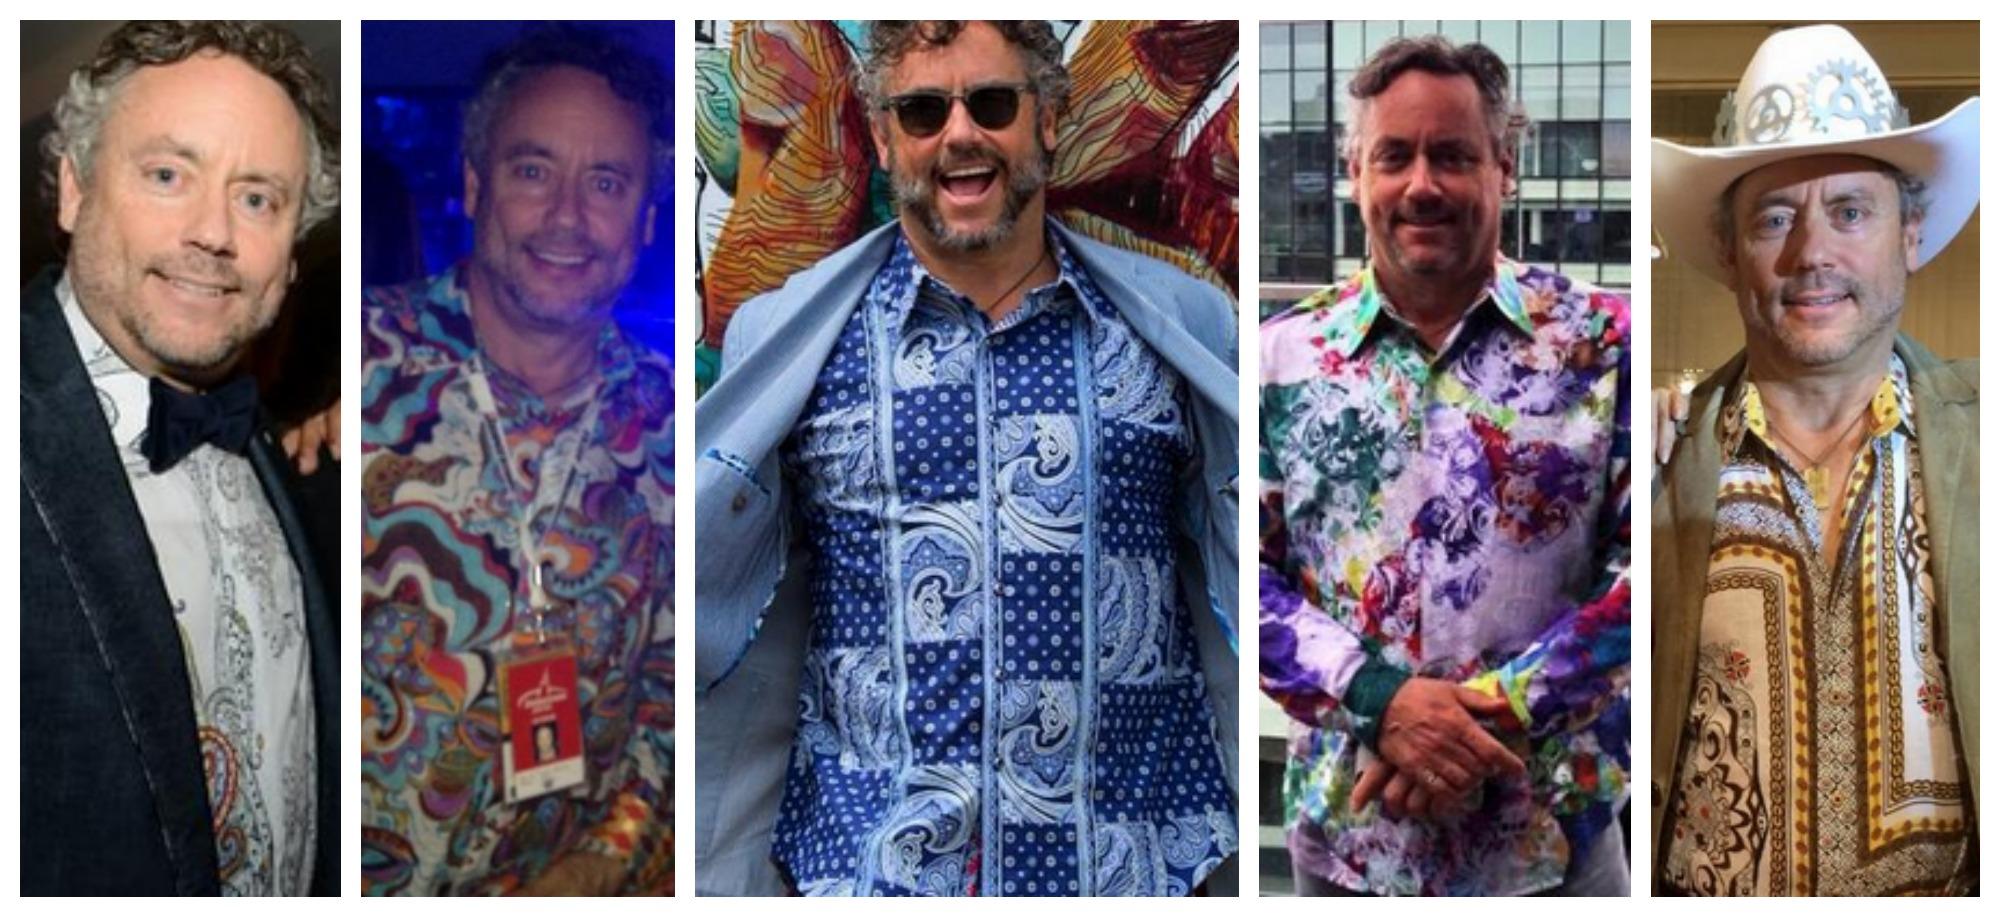 W Brett Wilson's Tacky Shirts